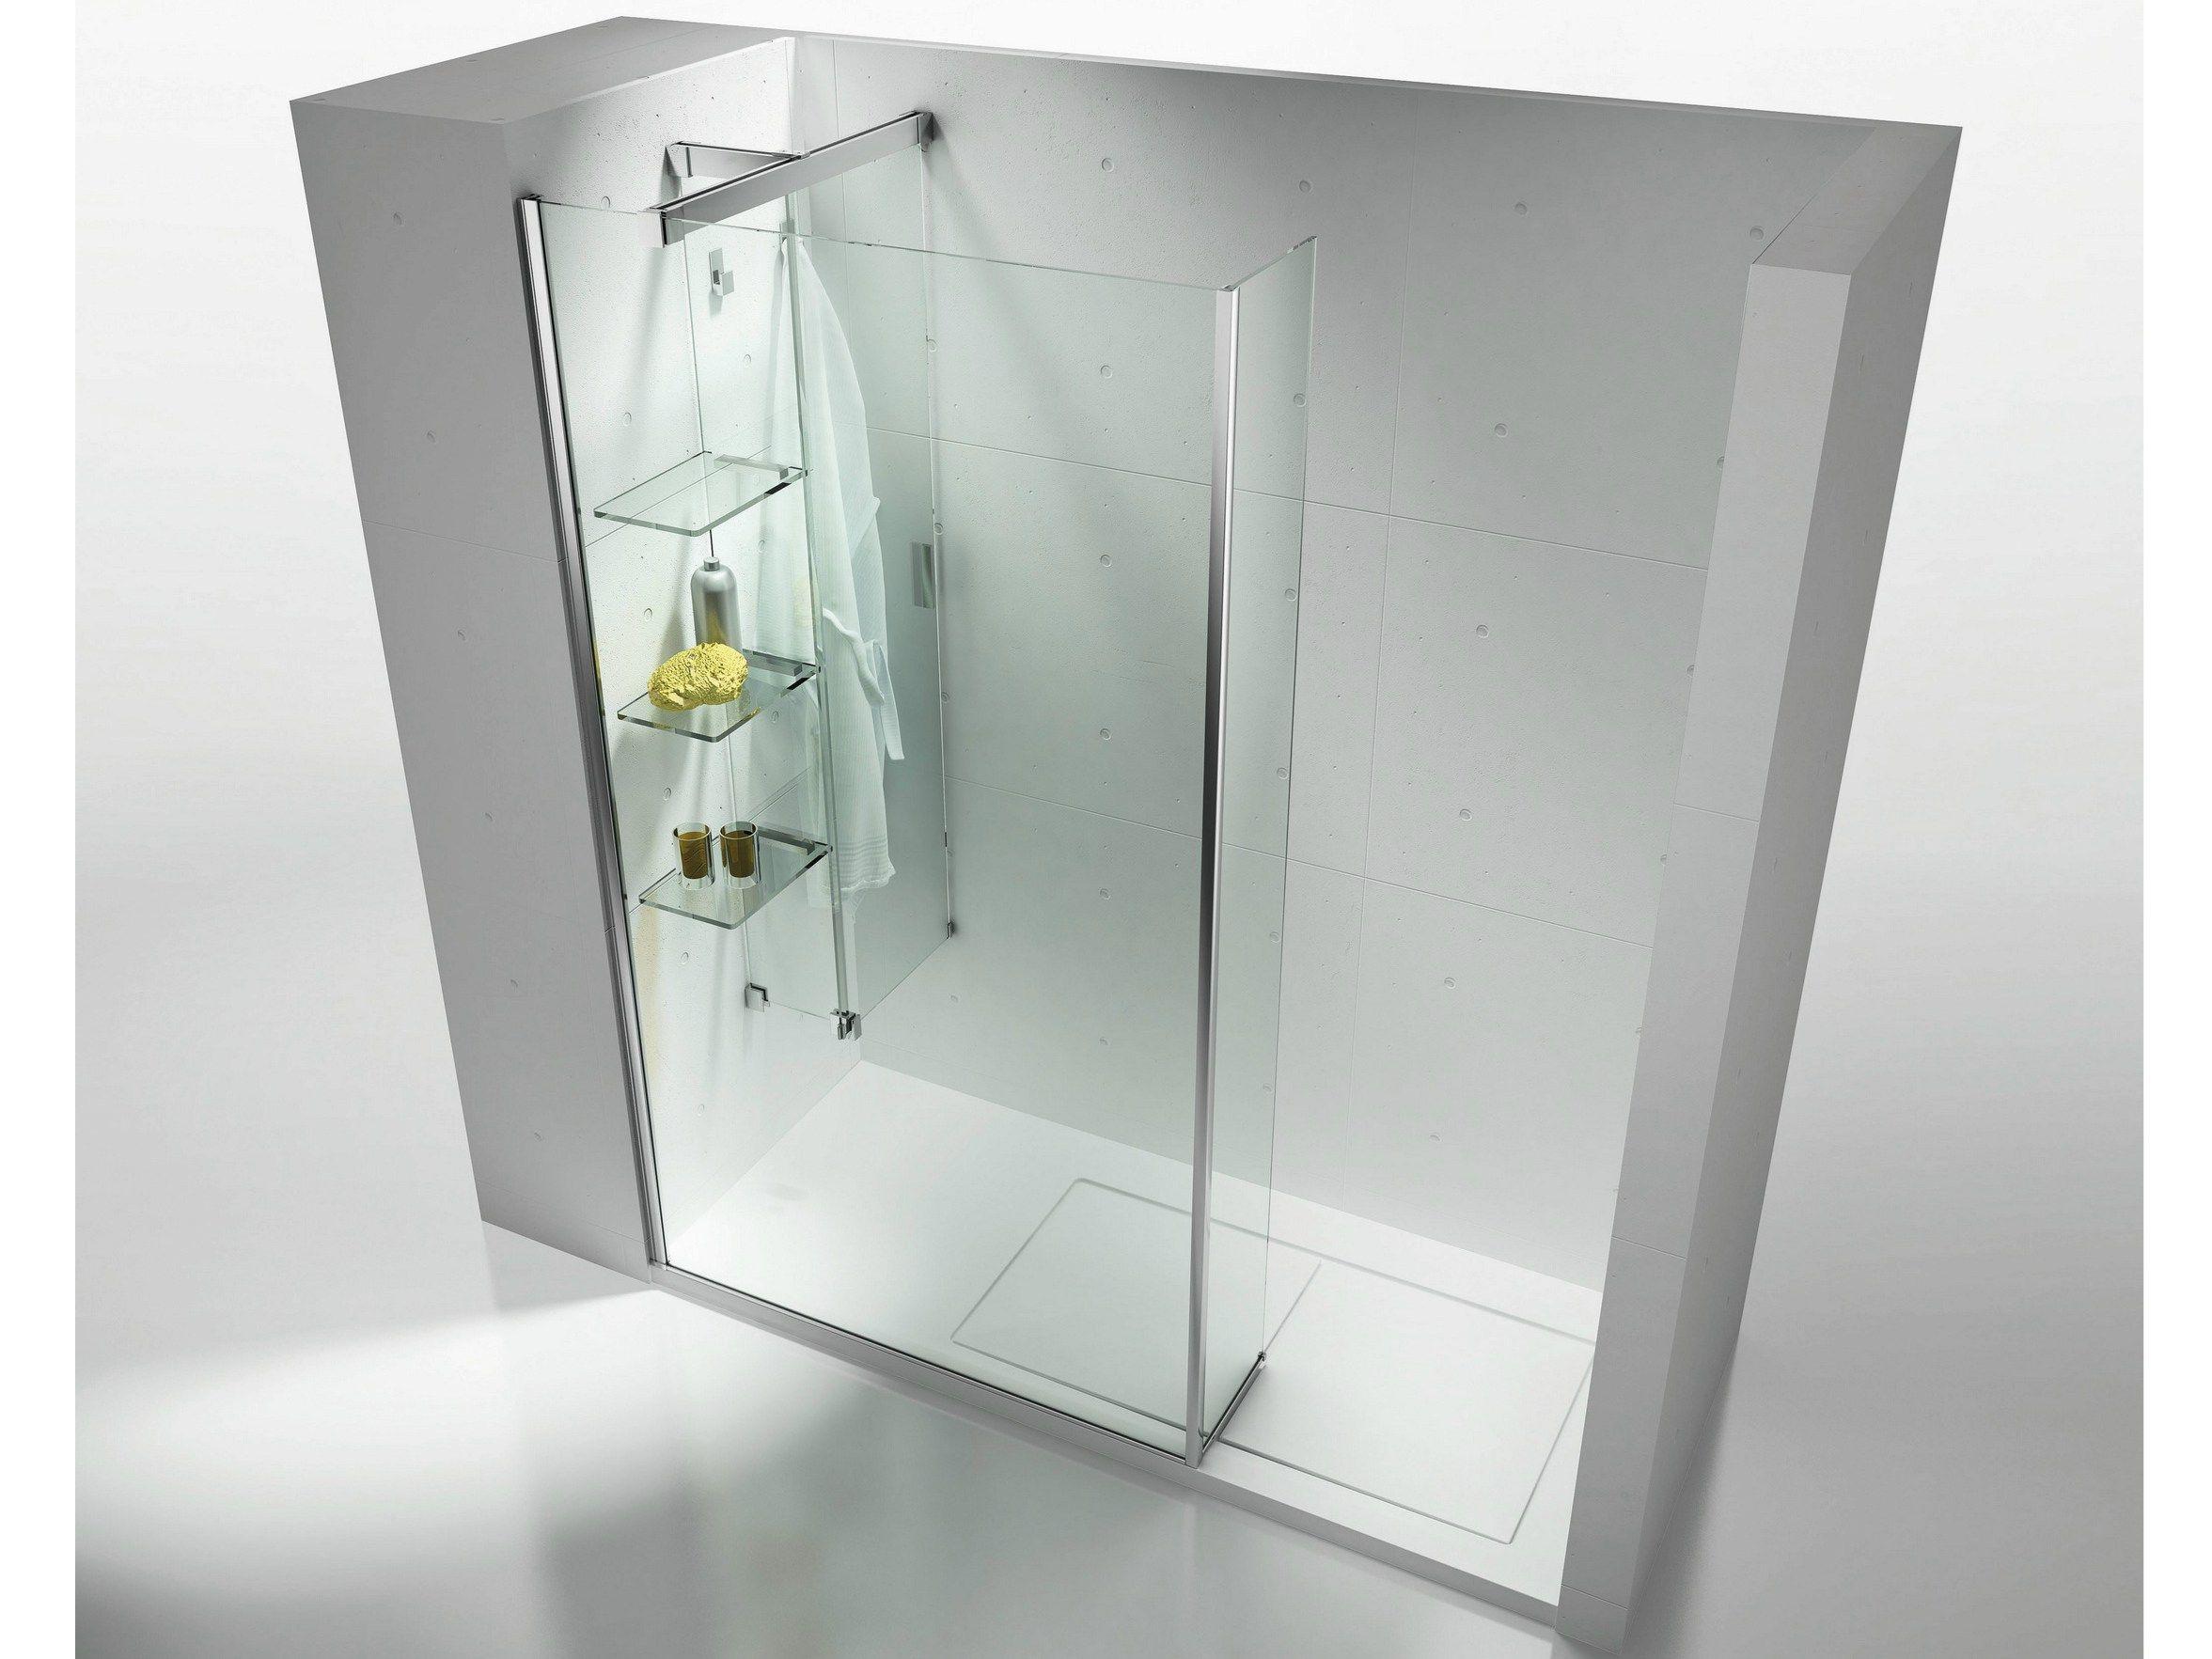 Panel separador corredero en cristal templado con repisas - Estantes para interior ducha ...